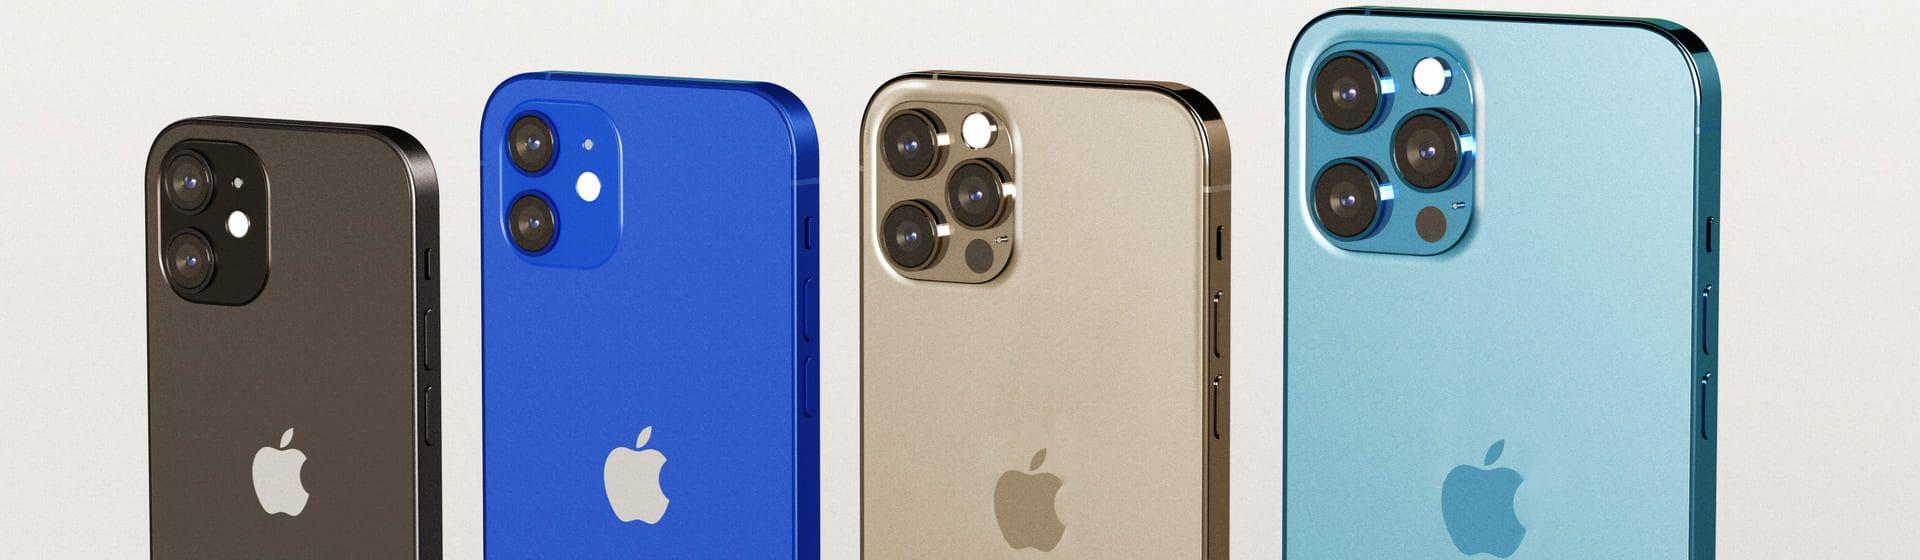 Melhor iPhone: qual modelo comprar em 2021